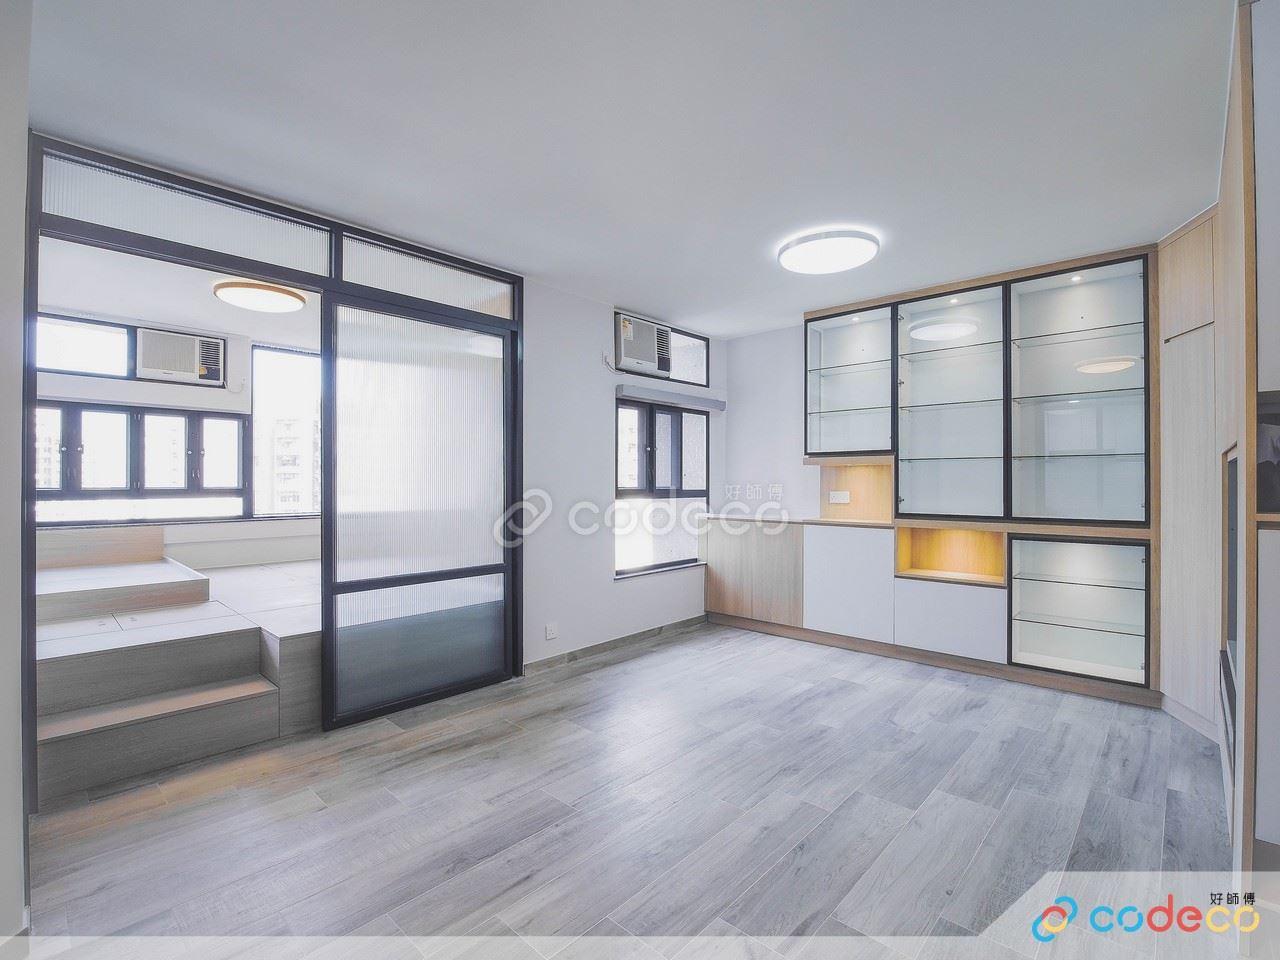 廳間房設計案例